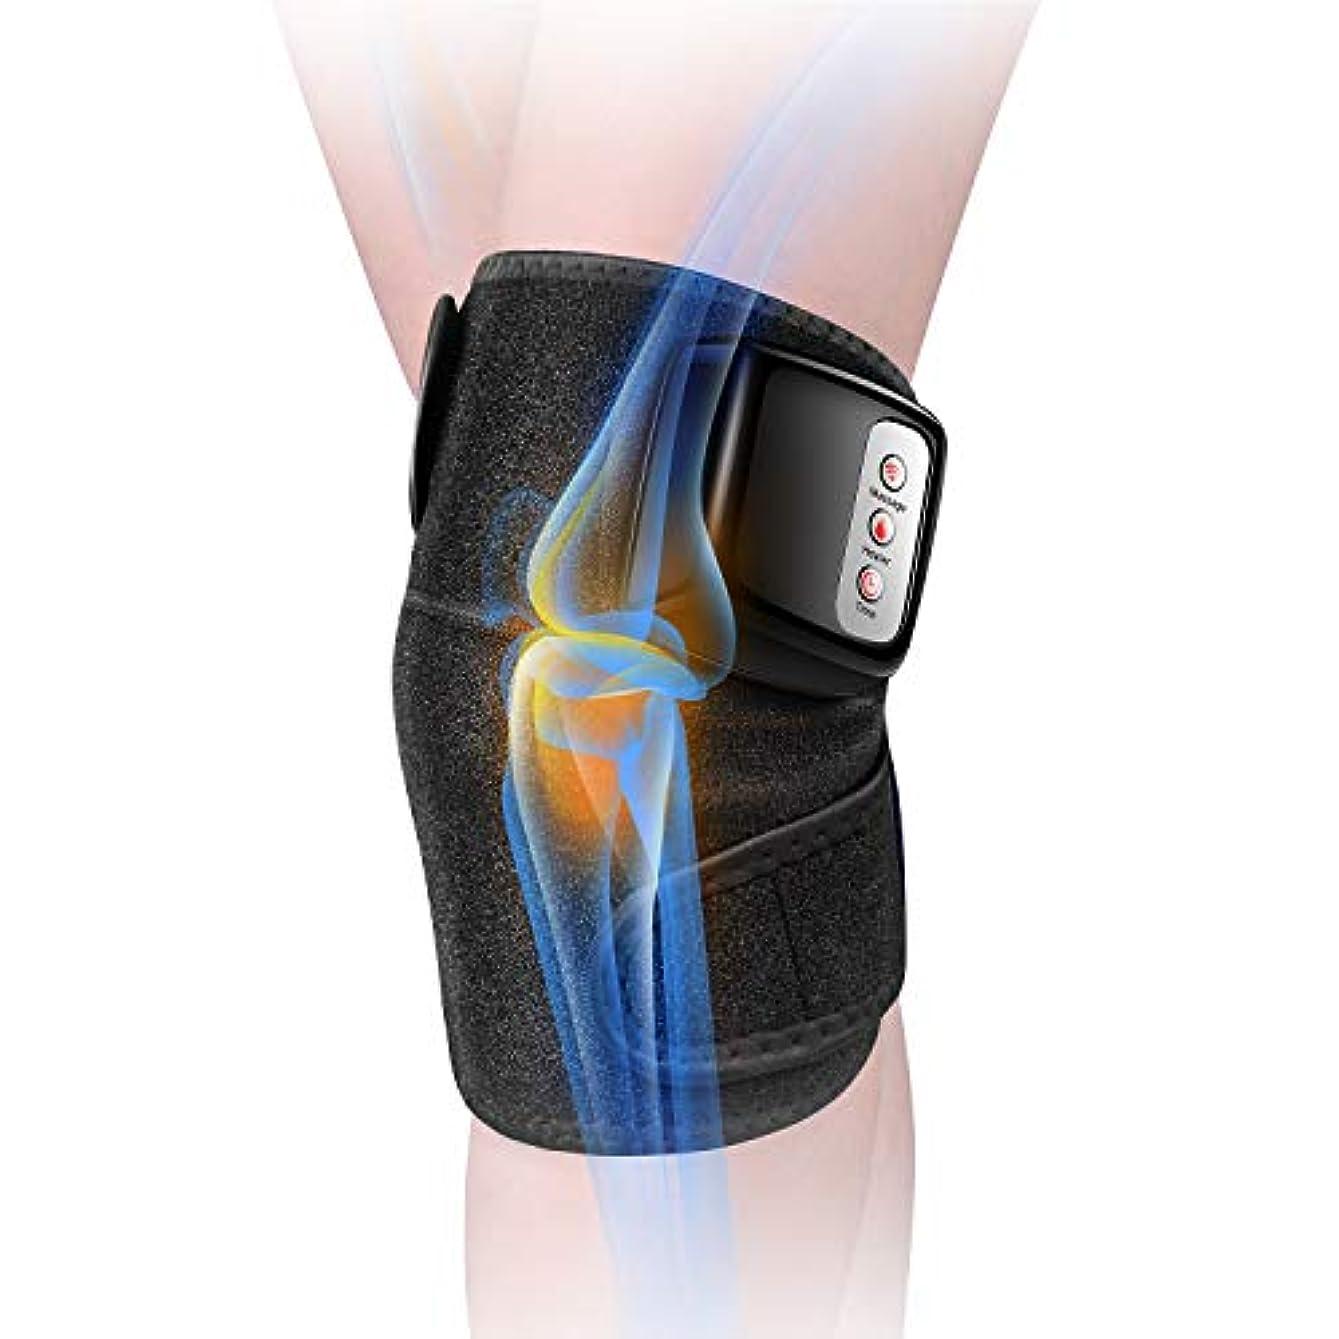 叫ぶ接続された立証する膝マッサージャー 関節マッサージャー マッサージ器 フットマッサージャー 振動 赤外線療法 温熱療法 膝サポーター ストレス解消 肩 太もも/腕対応